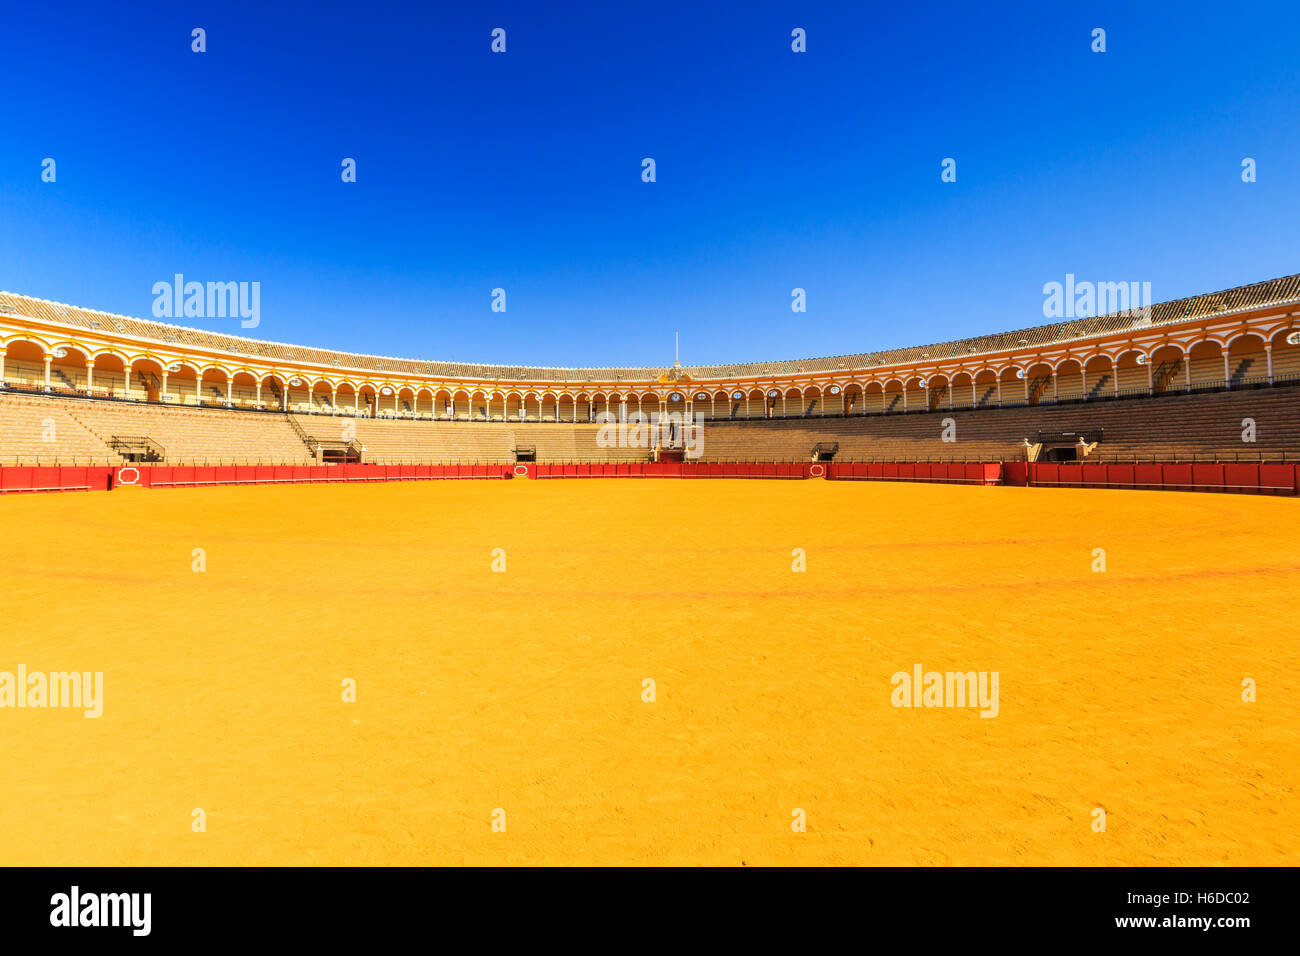 Seville, Spain. Plaza de Toros (Bullring). - Stock Image